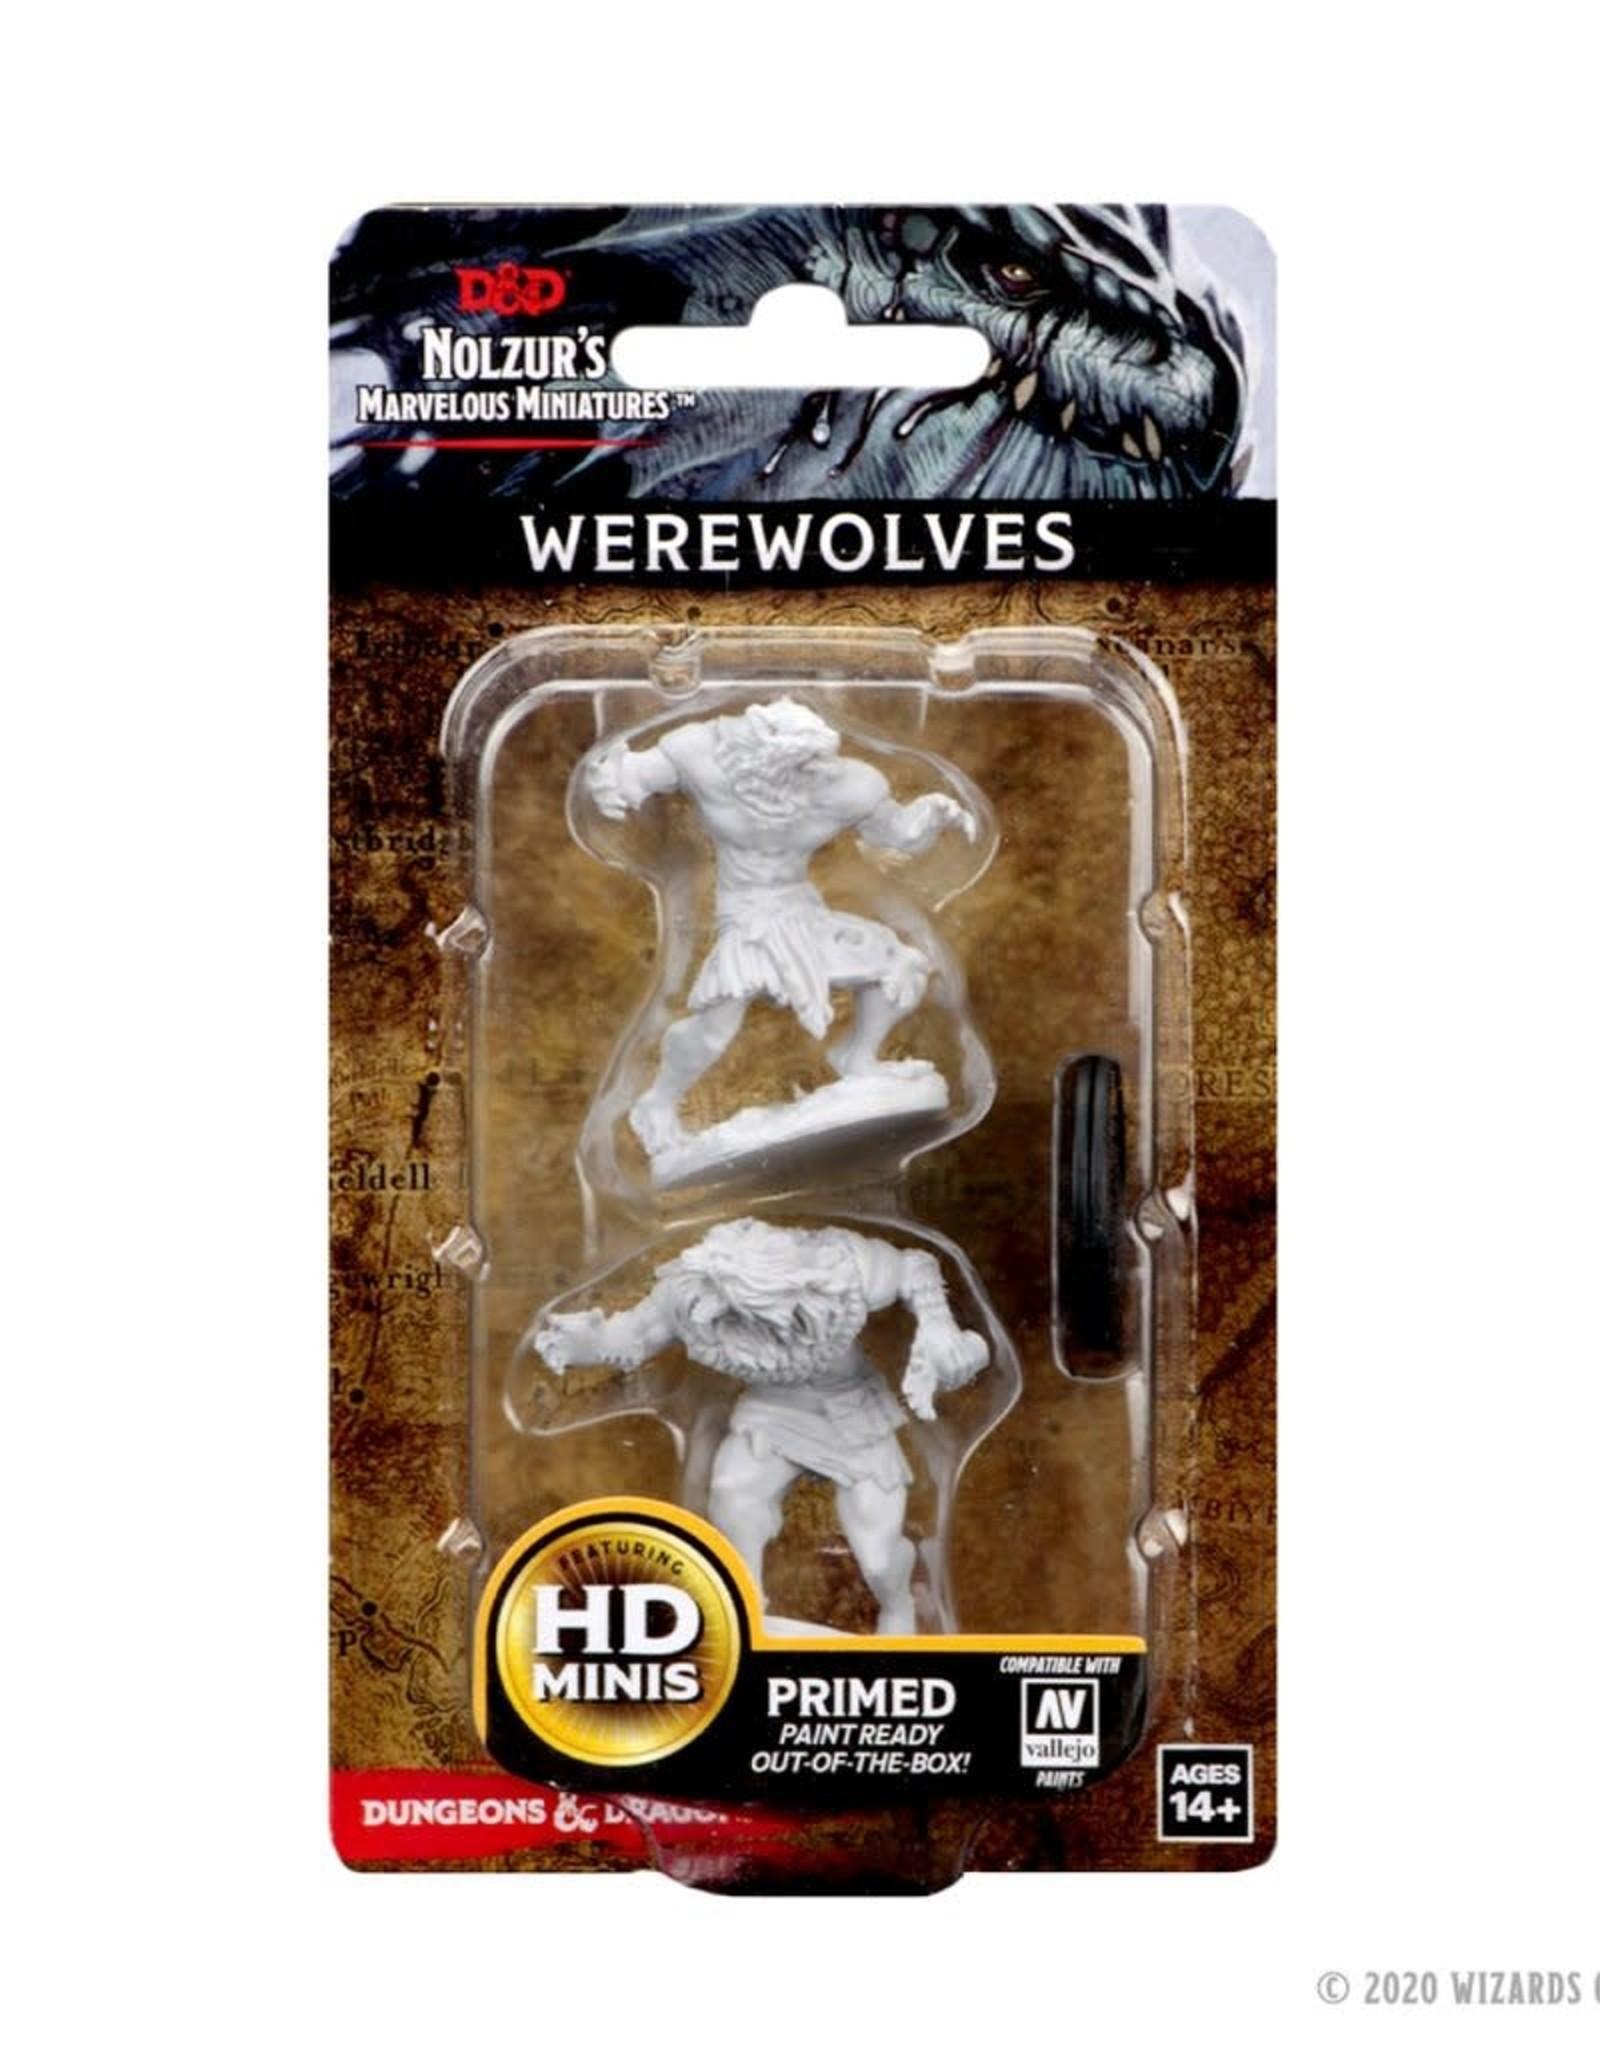 Wizkids D&D Unpainted Minis: Werewolves